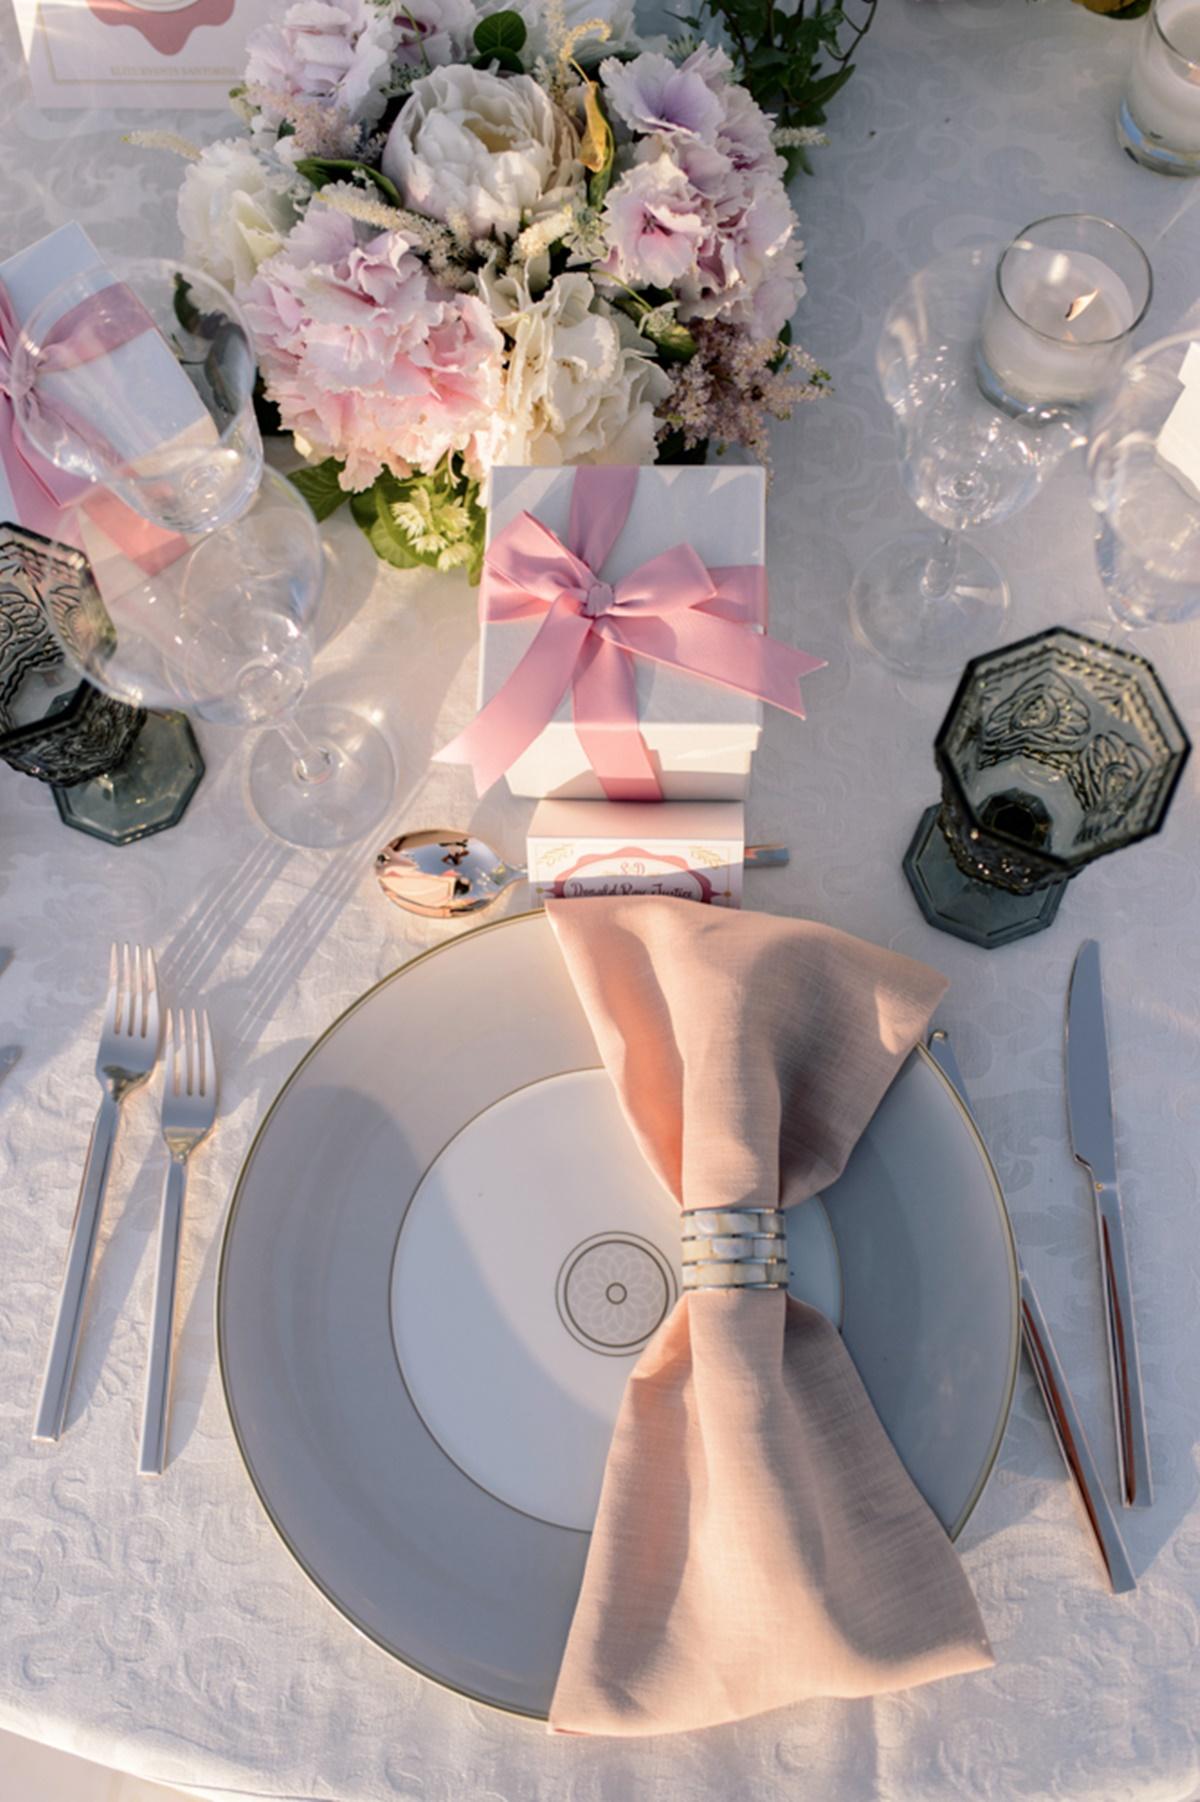 Ρομαντικός γάμος στη Σαντορίνη με ροζ χρώμα